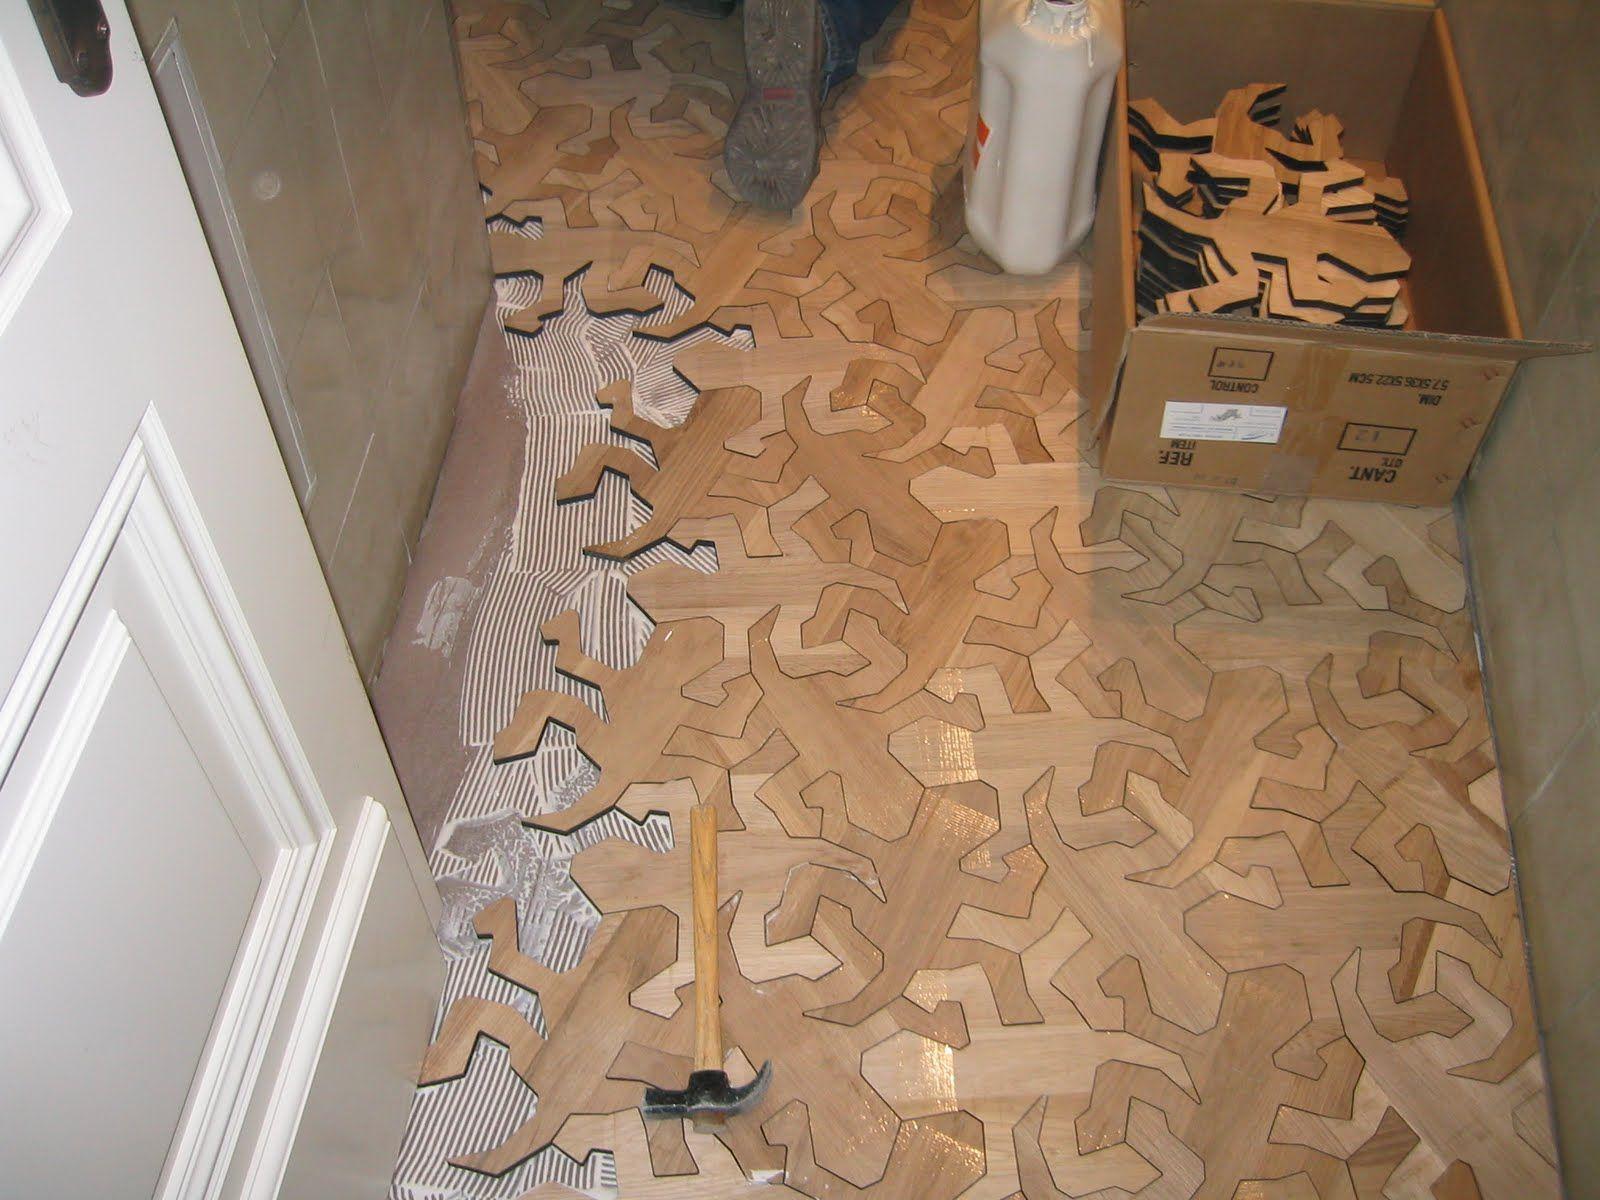 Lizard parquet flooring escher lizards parquet floor art lizard parquet flooring escher lizards parquet floor dailygadgetfo Gallery